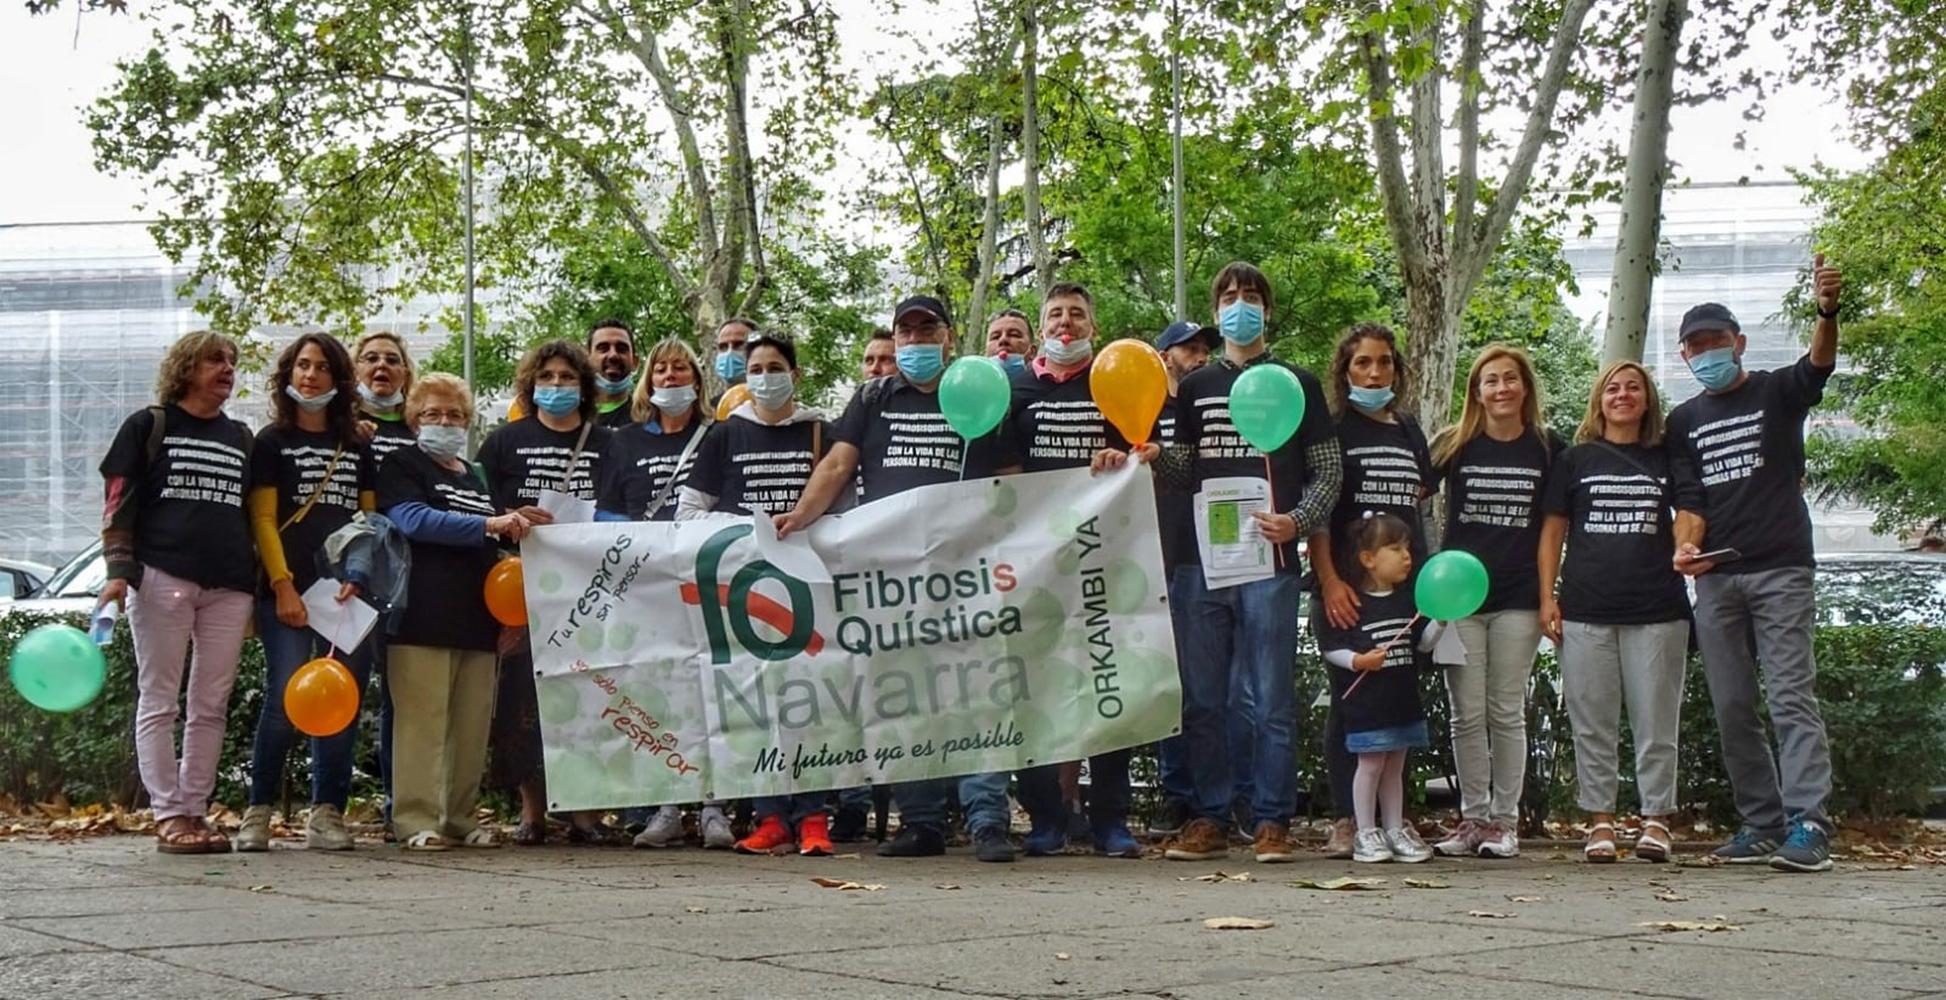 Grupo de 20 personas con la pancarta de Fibrosis Quística Navarra